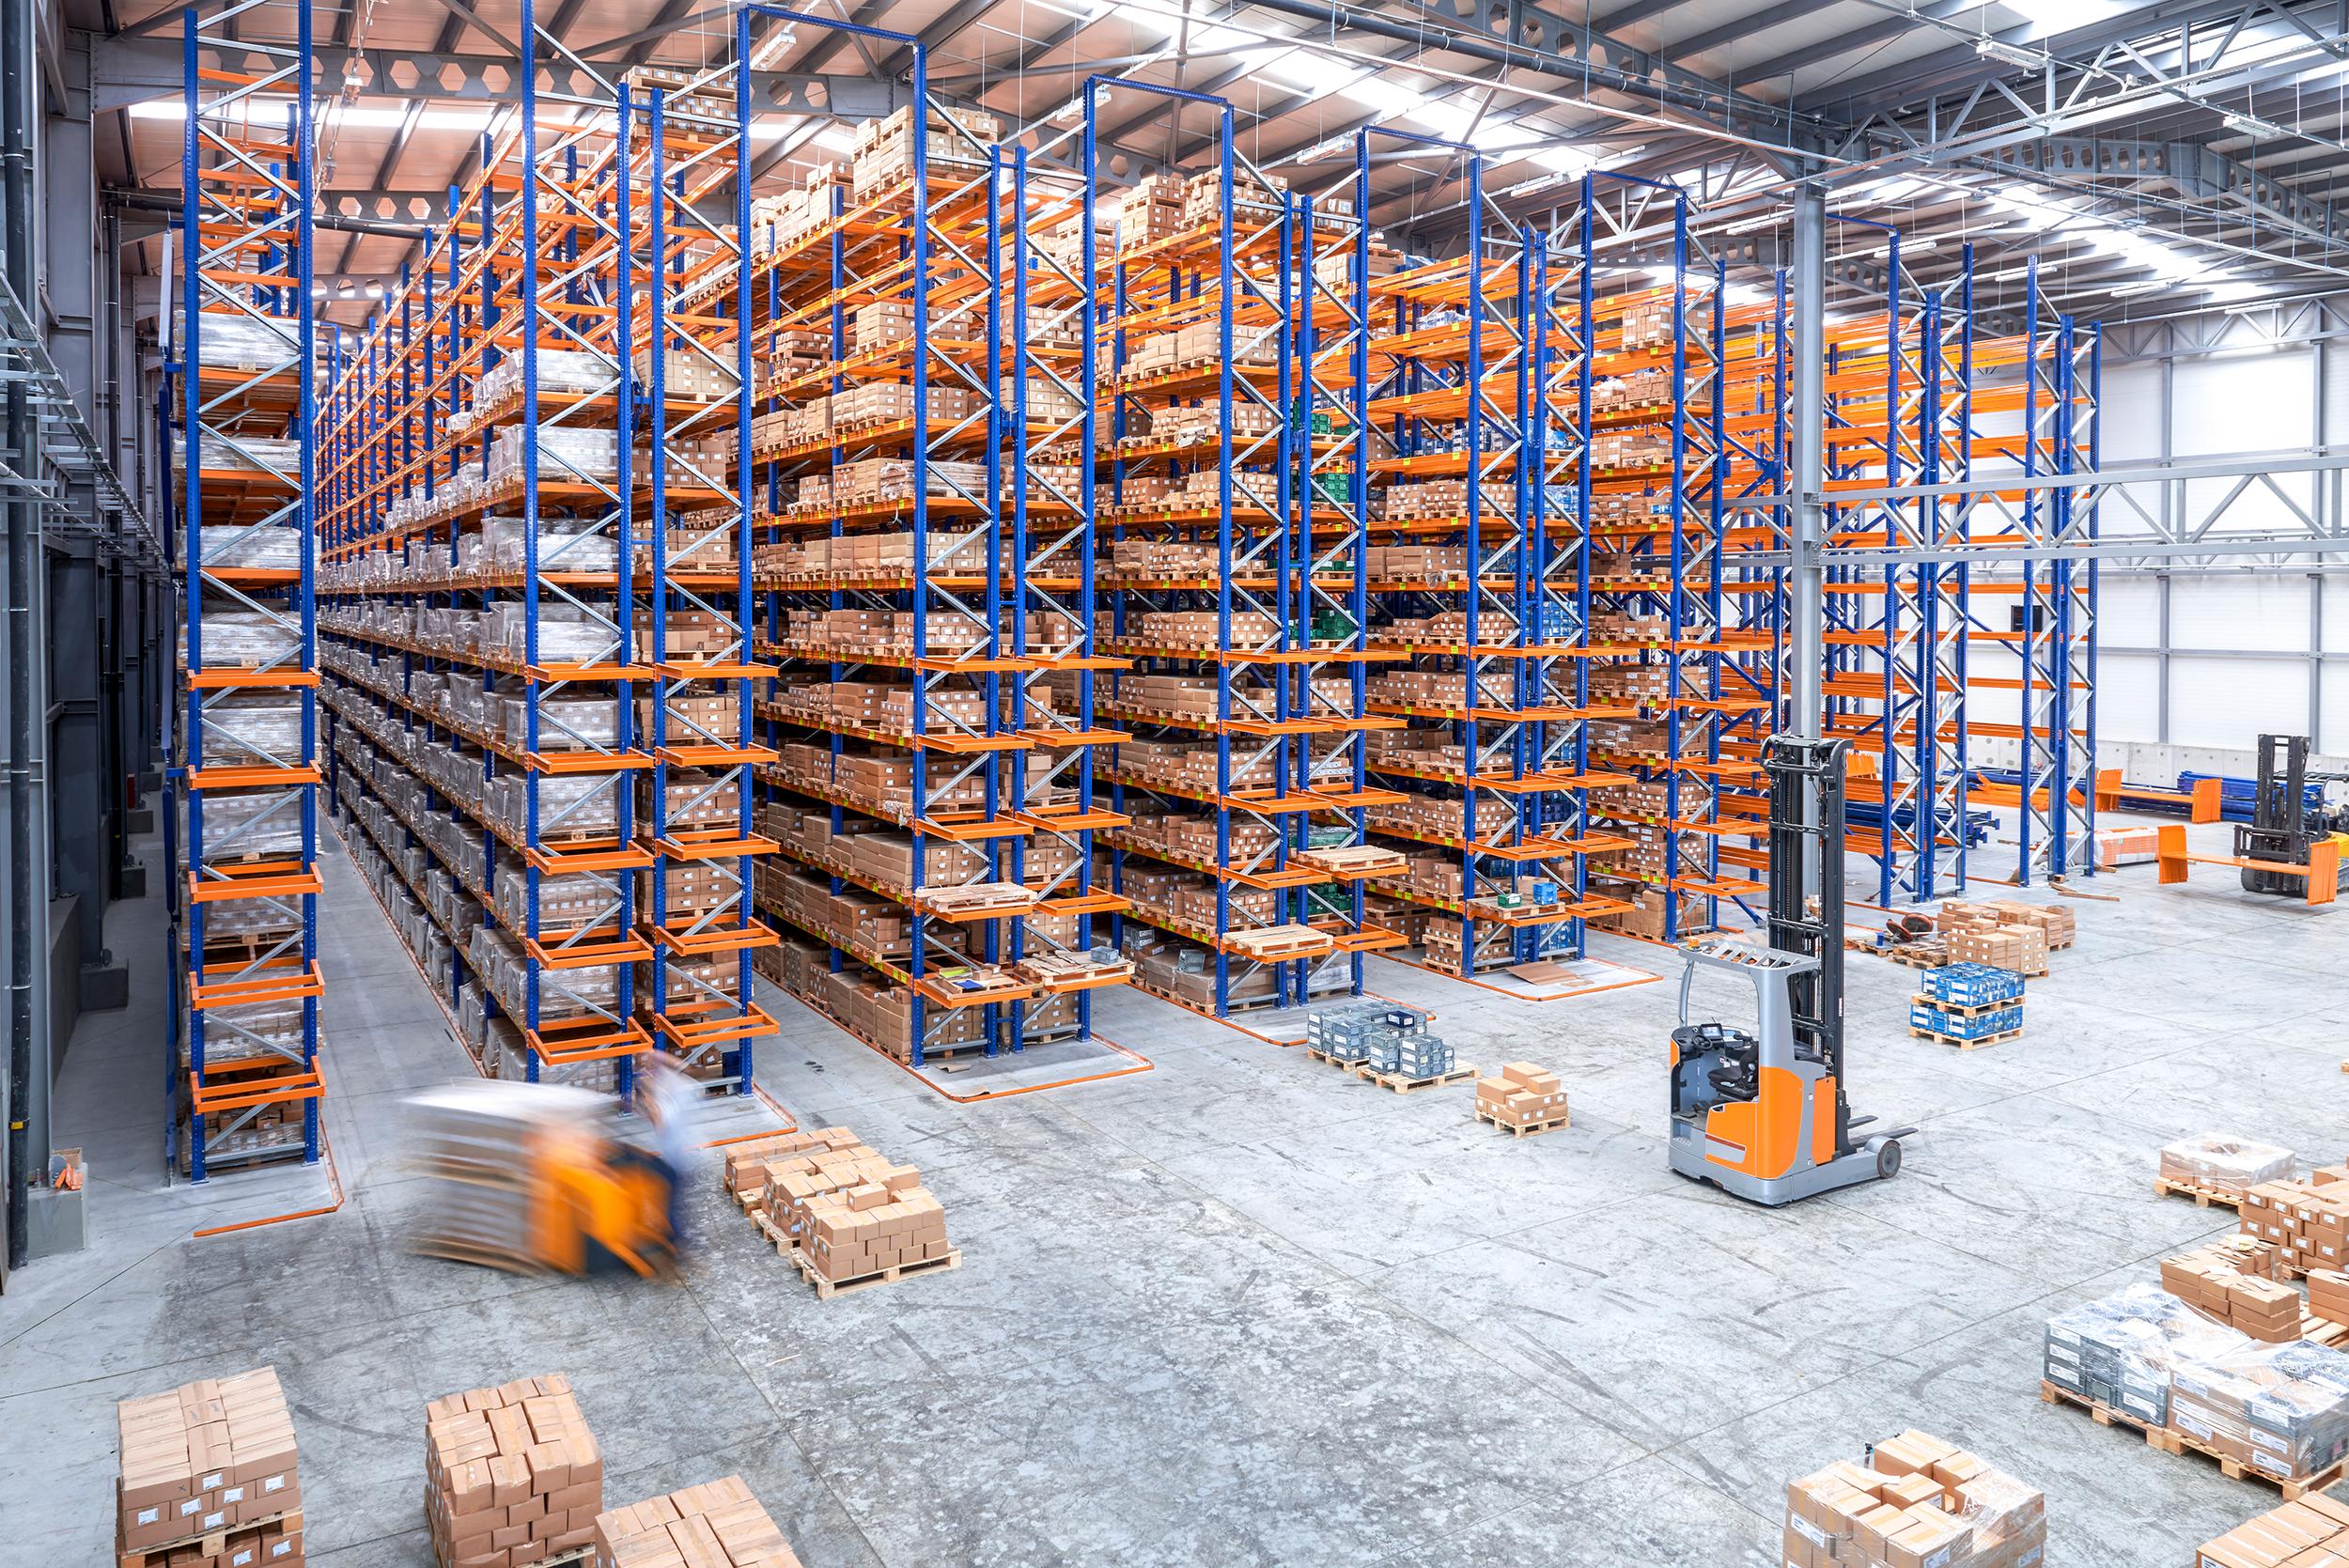 Entwicklung eines Logistikkonzeptes zur Anbindung der Montage (Konsumgüterindustrie)